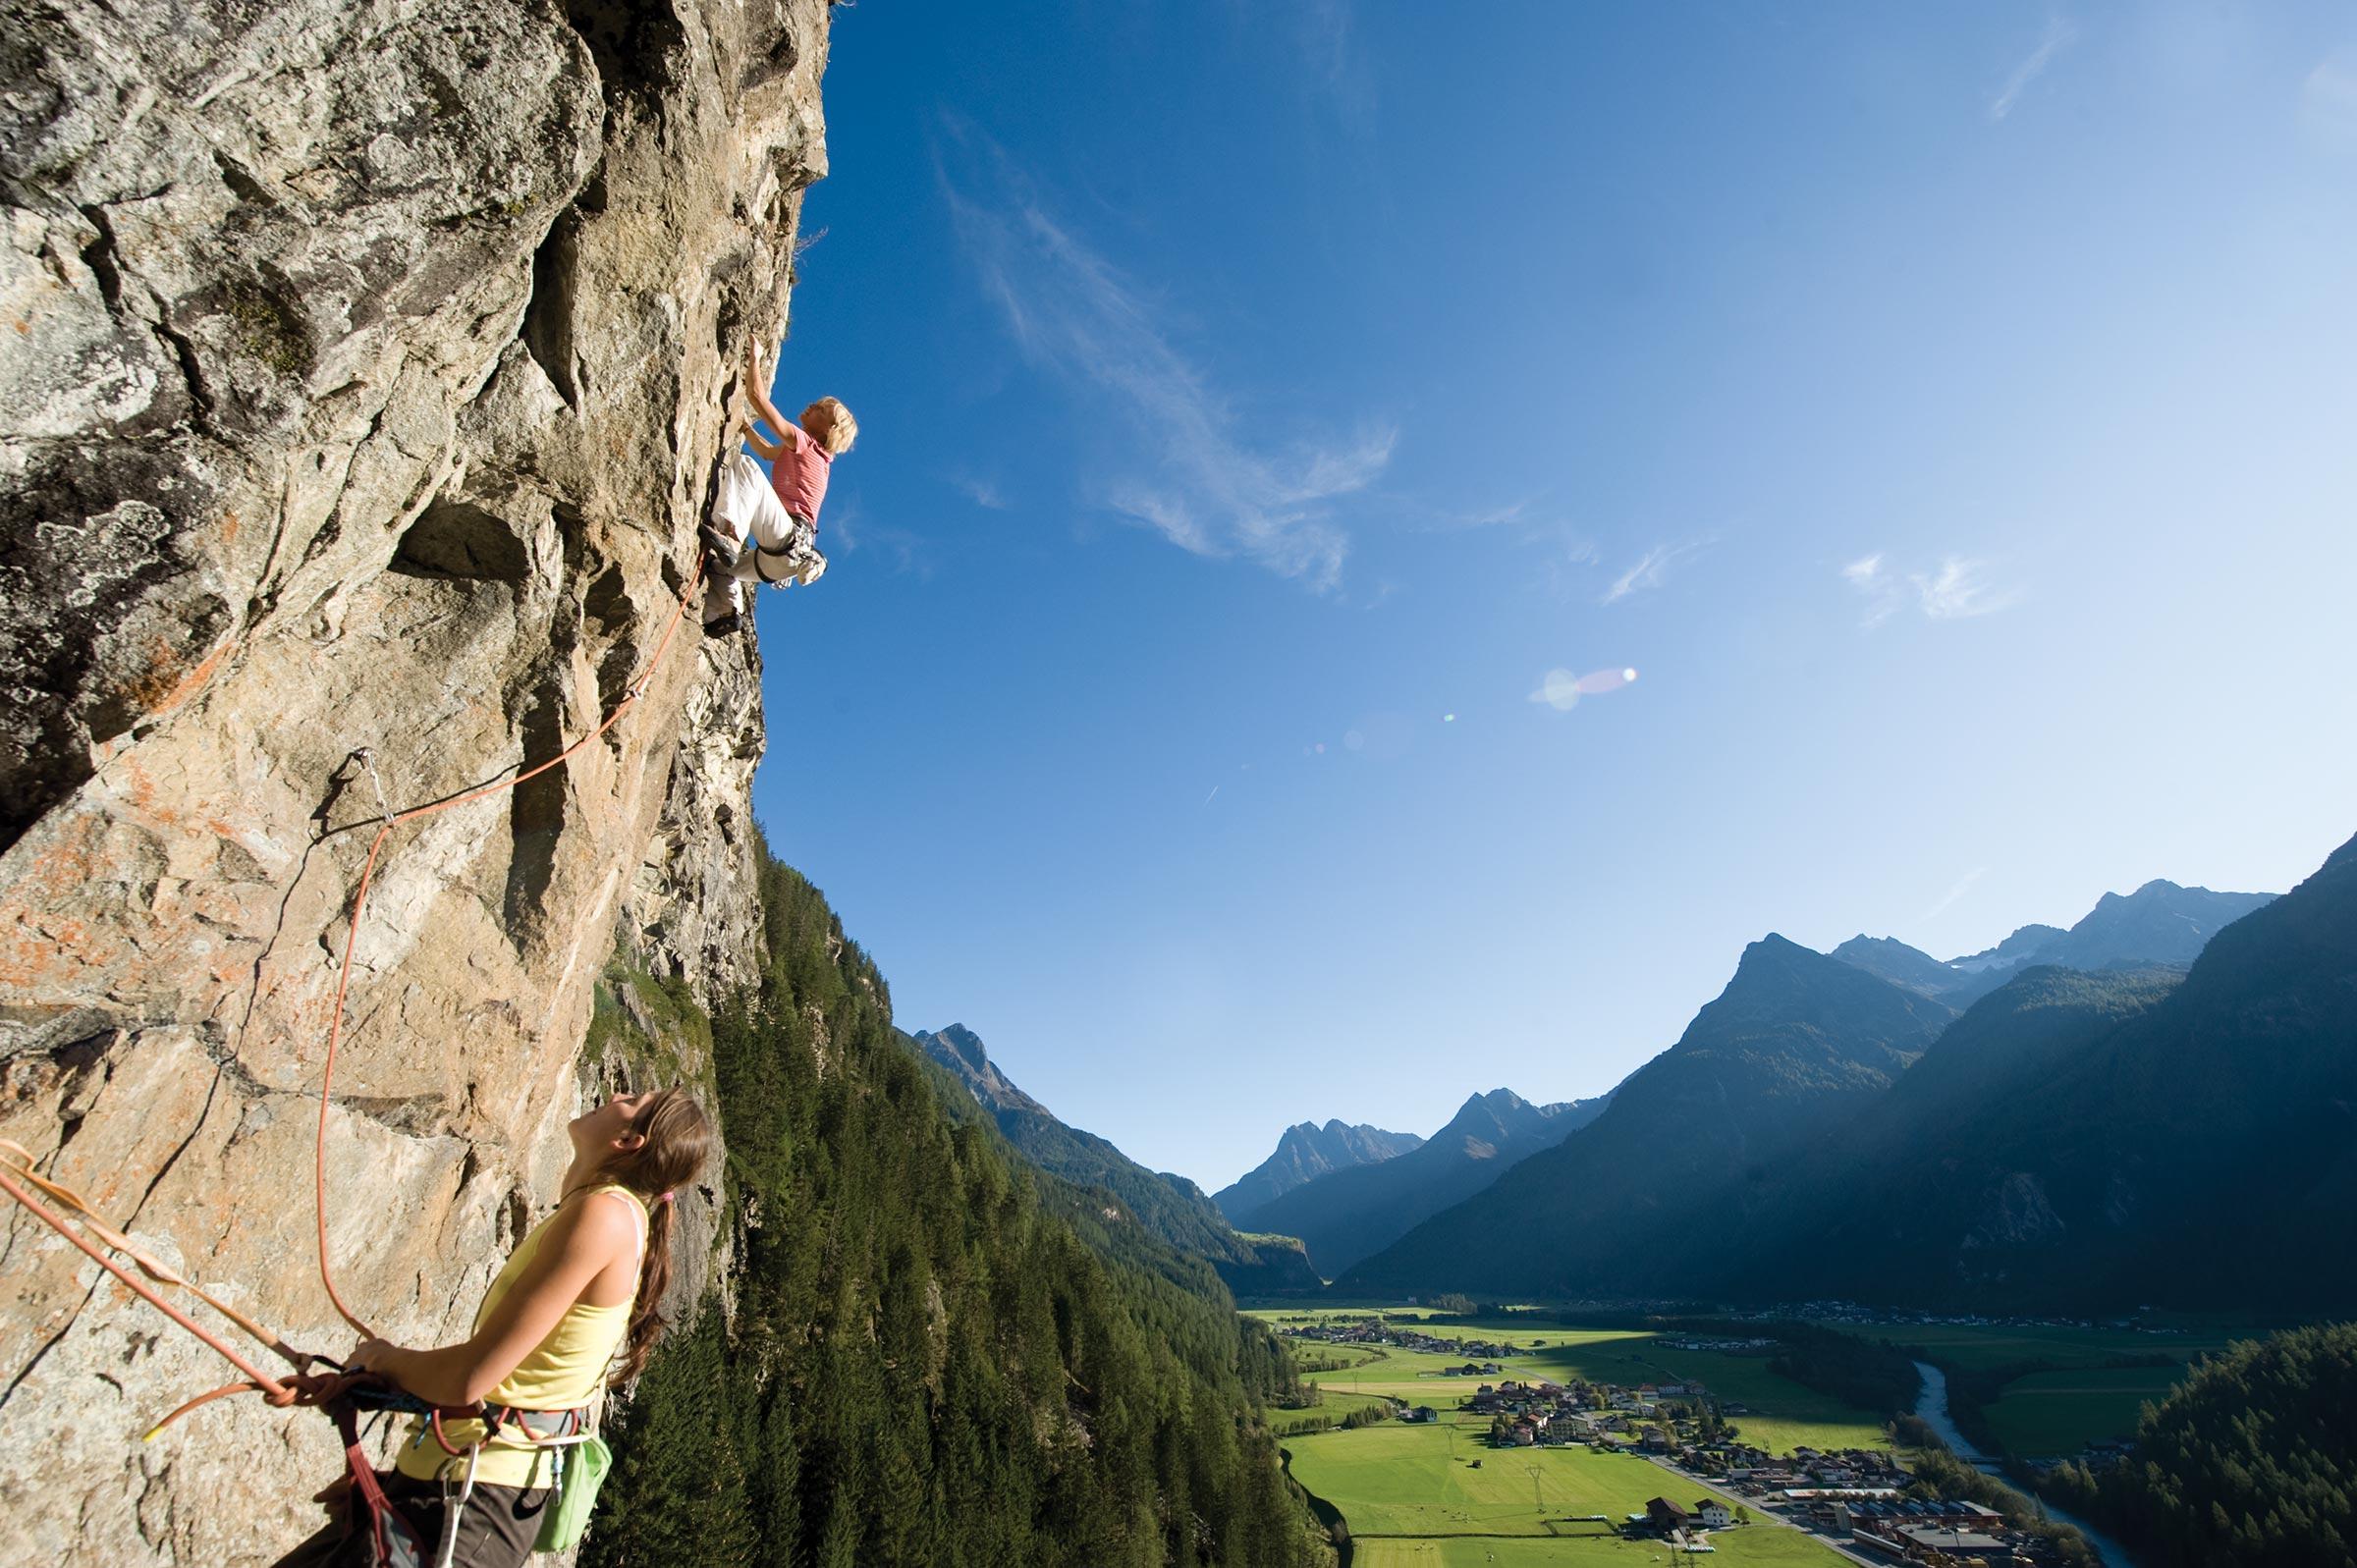 Klettergarten Nösslach - Klettern Ötztal